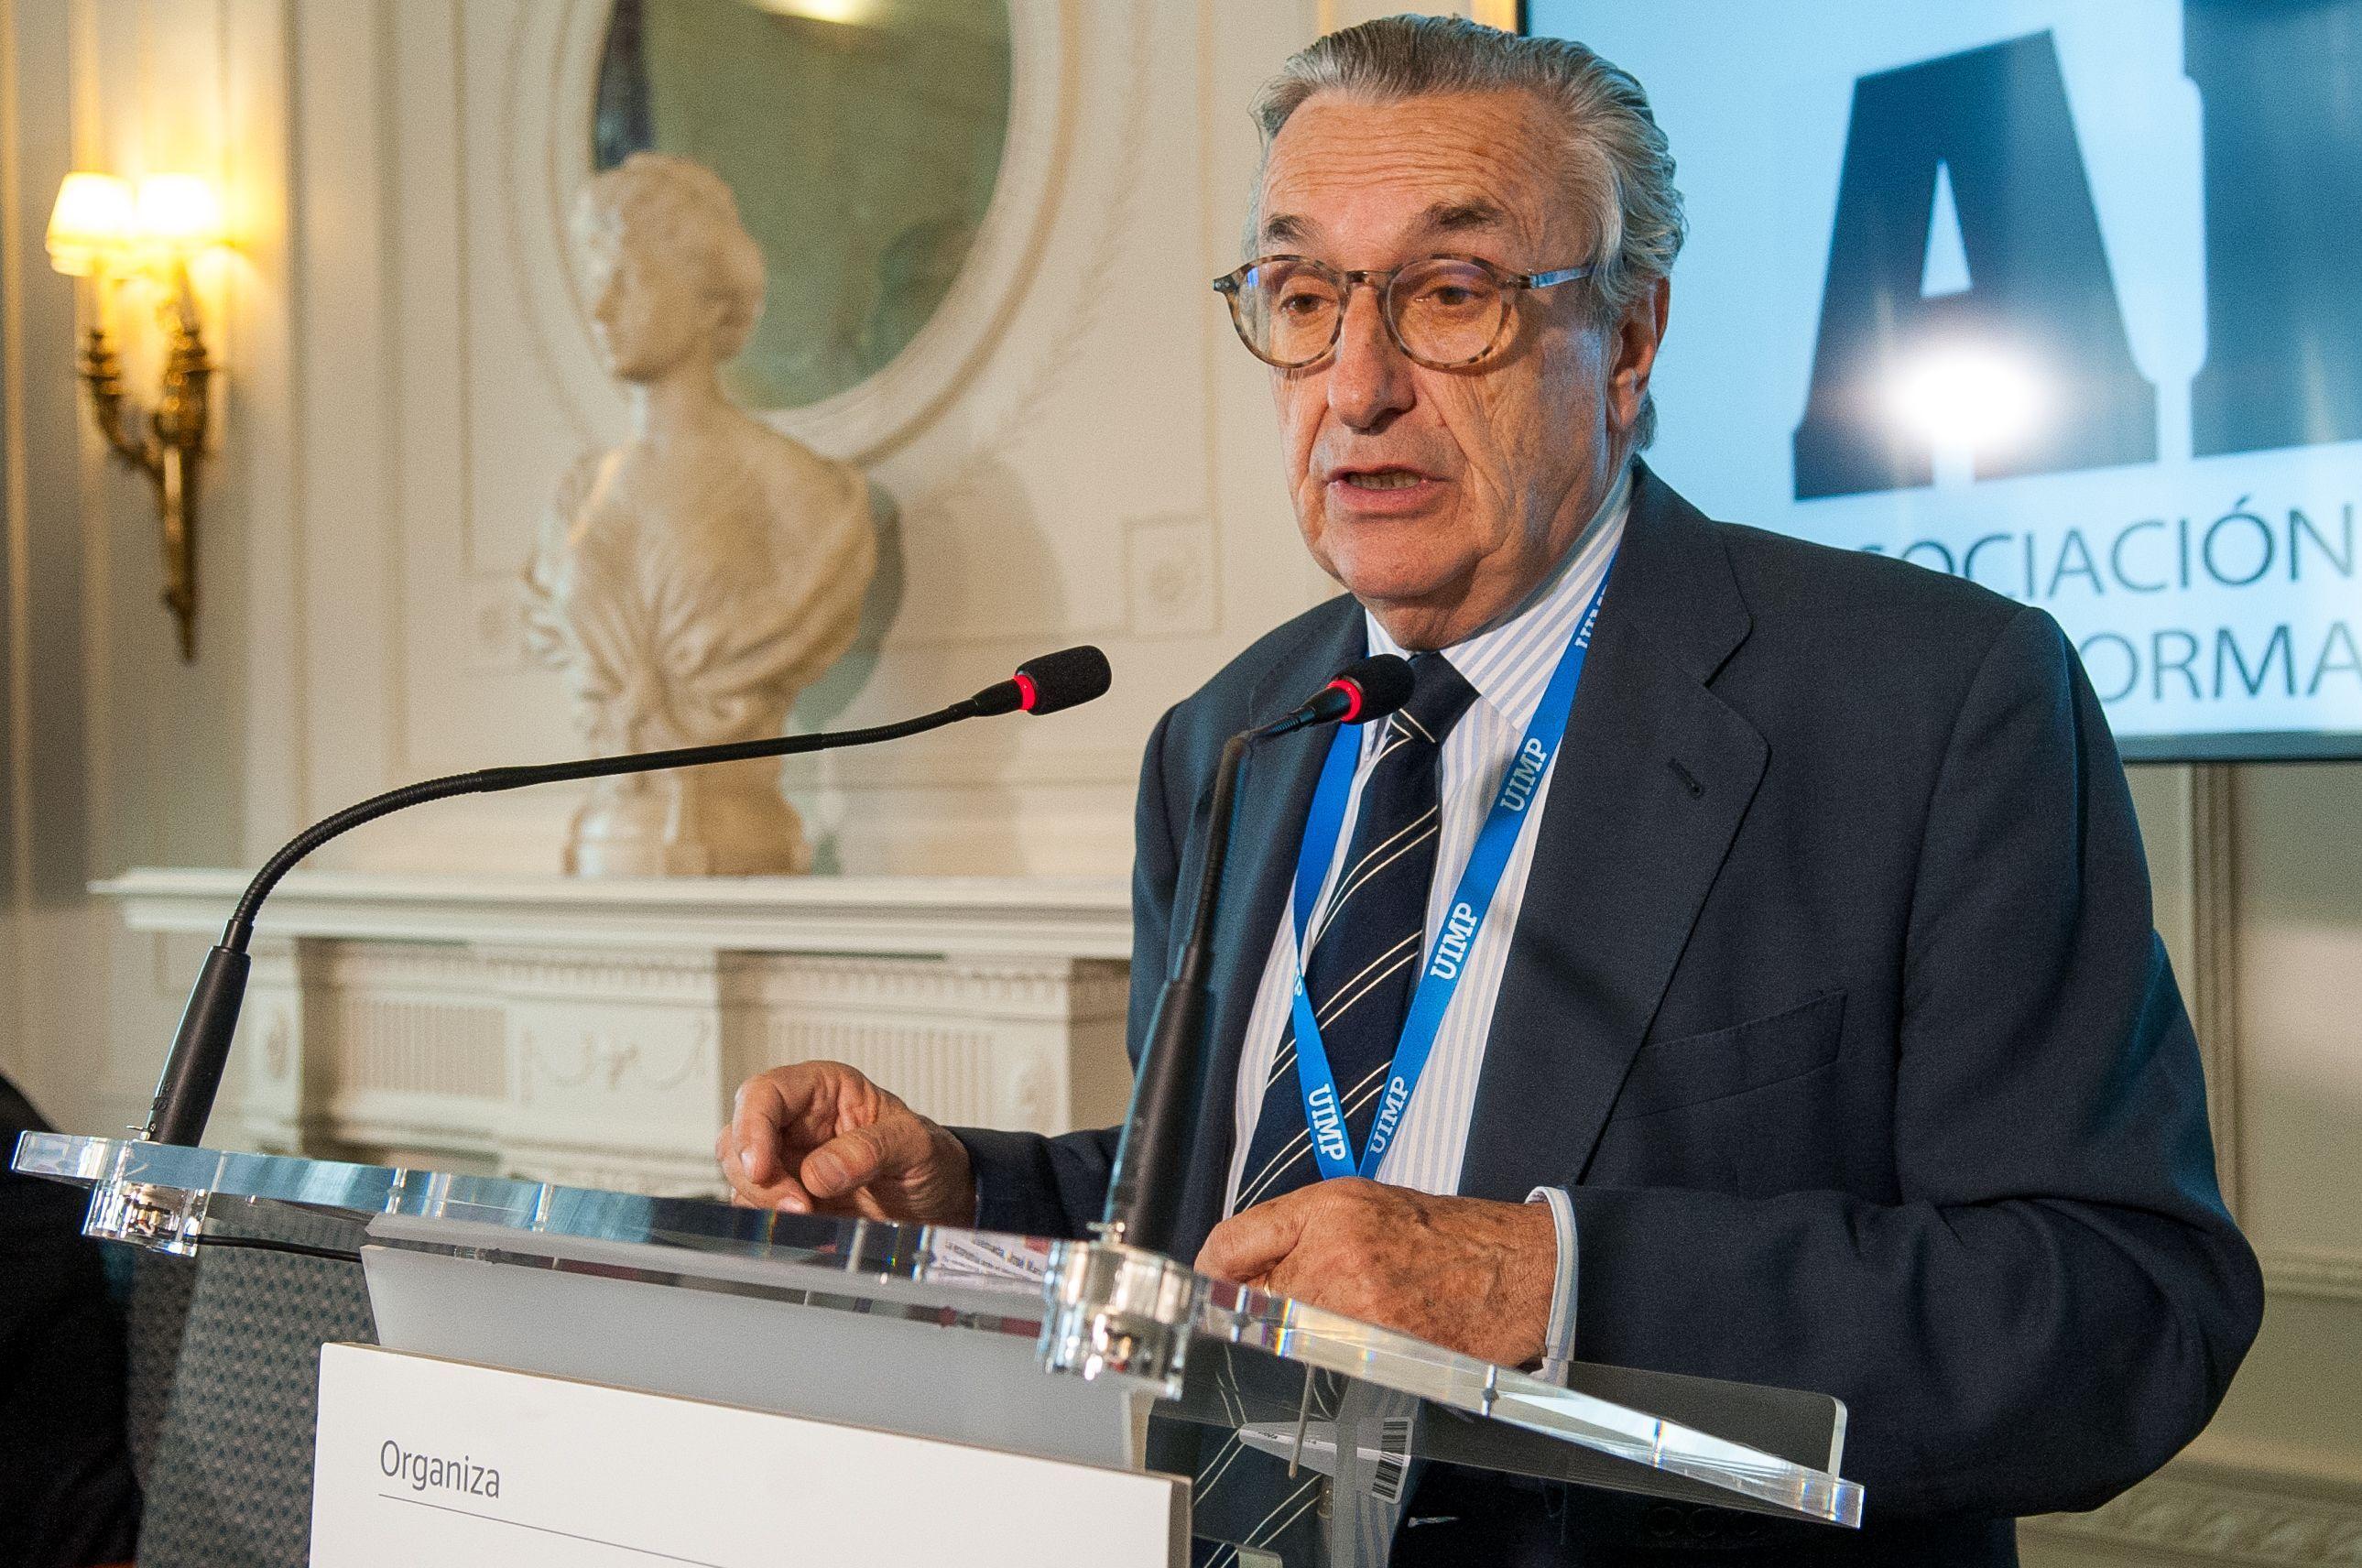 Jose María Marín Quemada, presidente de la CNMC, durante su intervención en el Curso de Economía organizado por la APIE en la Universidad de Santander.